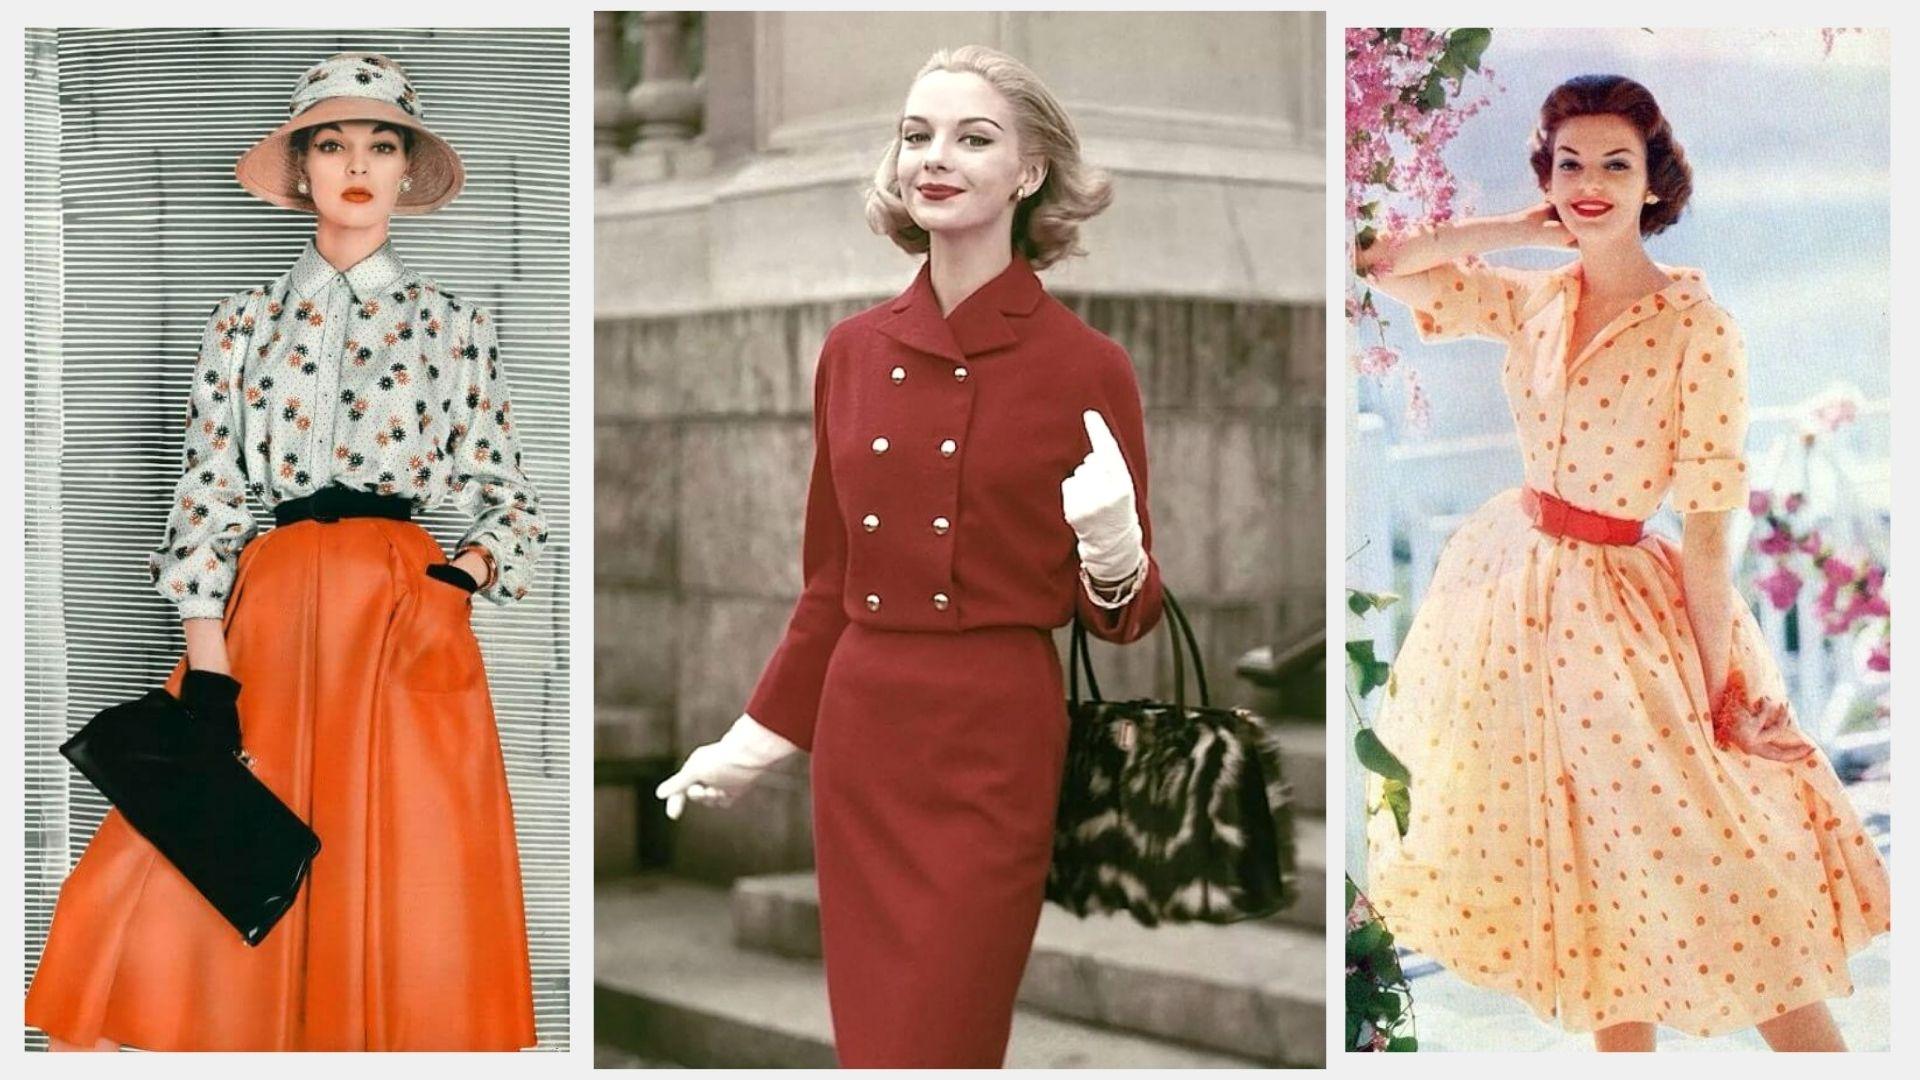 Элегантный стиль 50-х: эпоха женственности и изысканного гламура